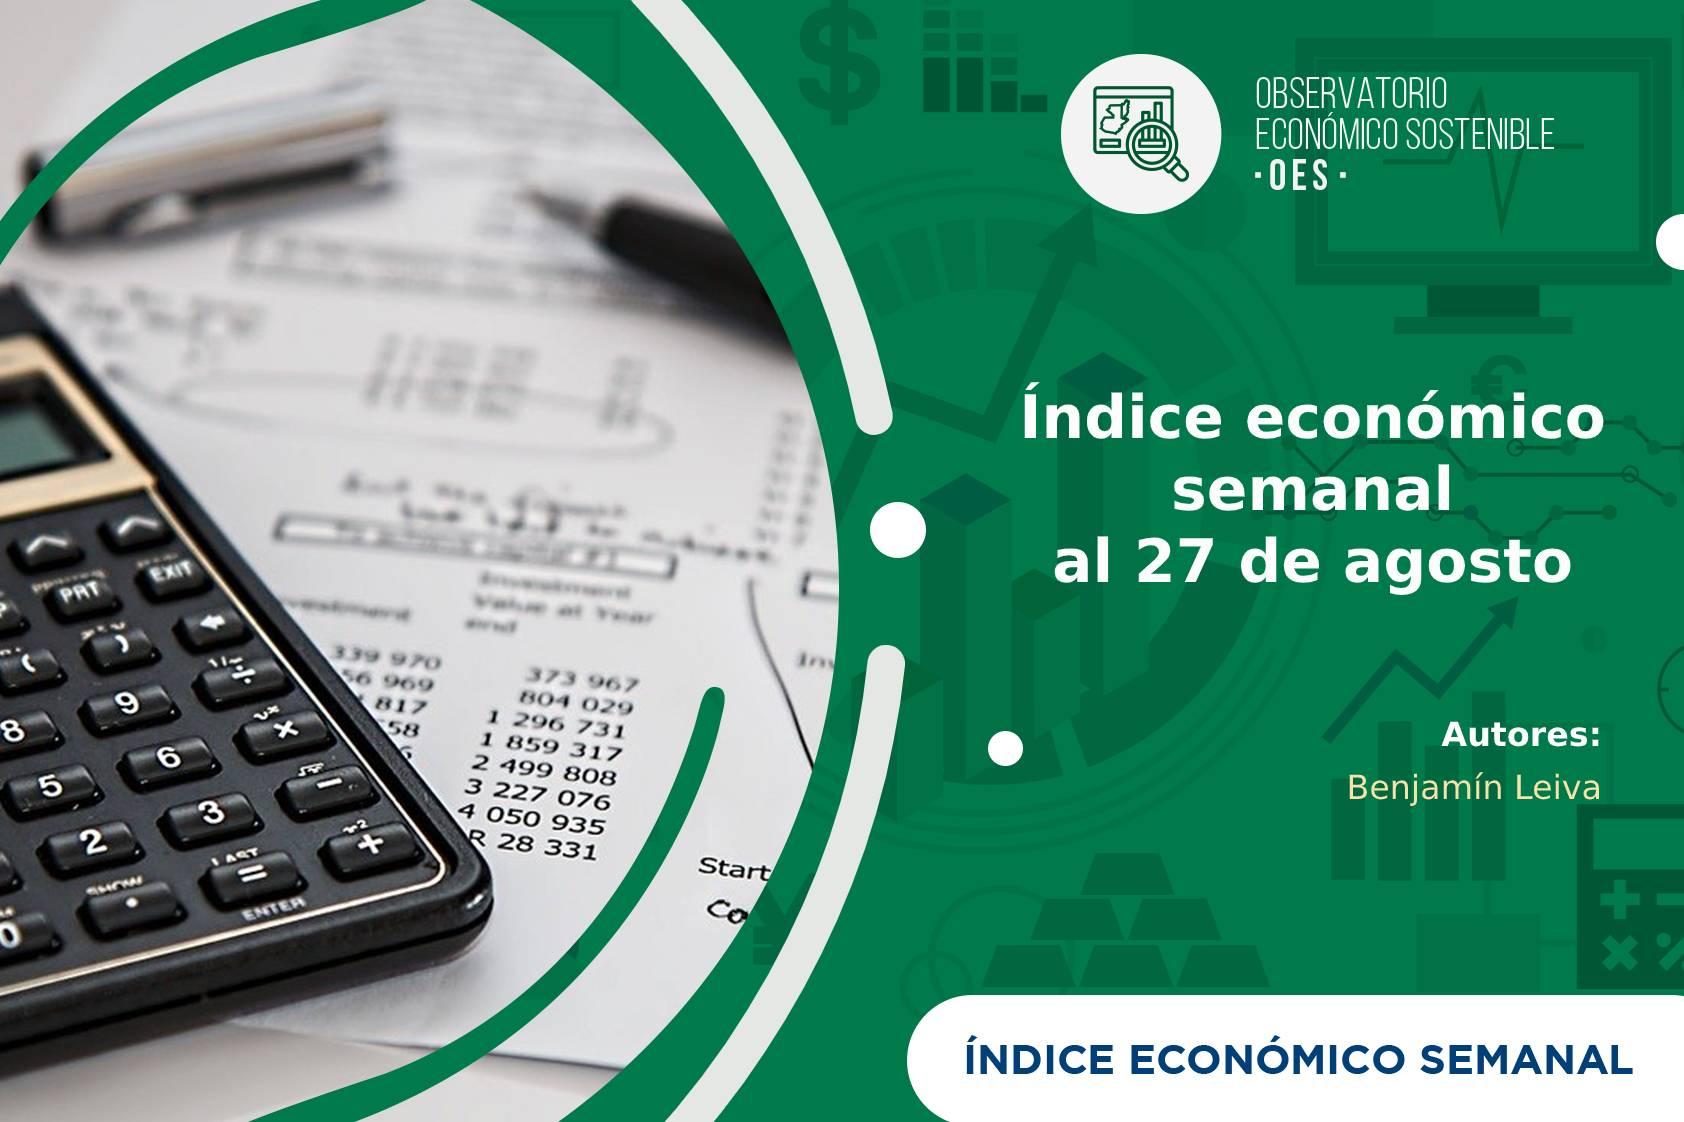 Índice económico semanal al 27 de agosto